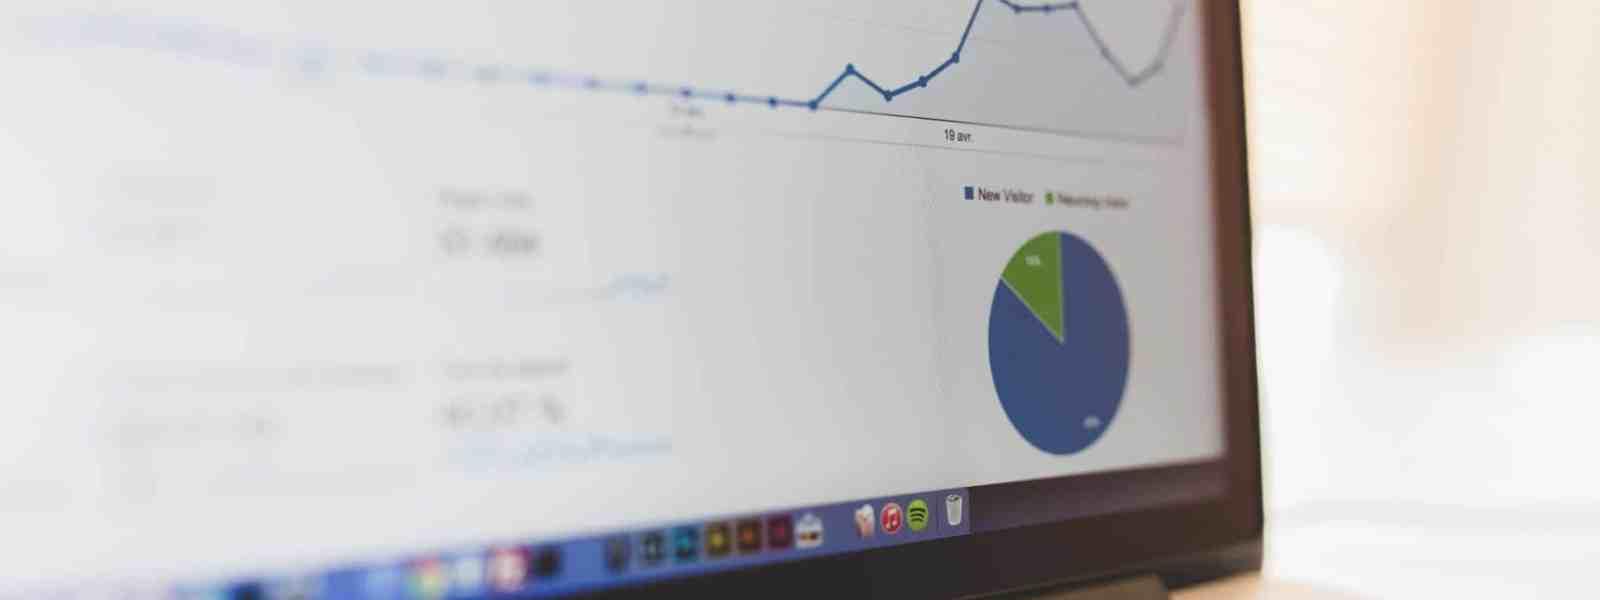 blogging income stats